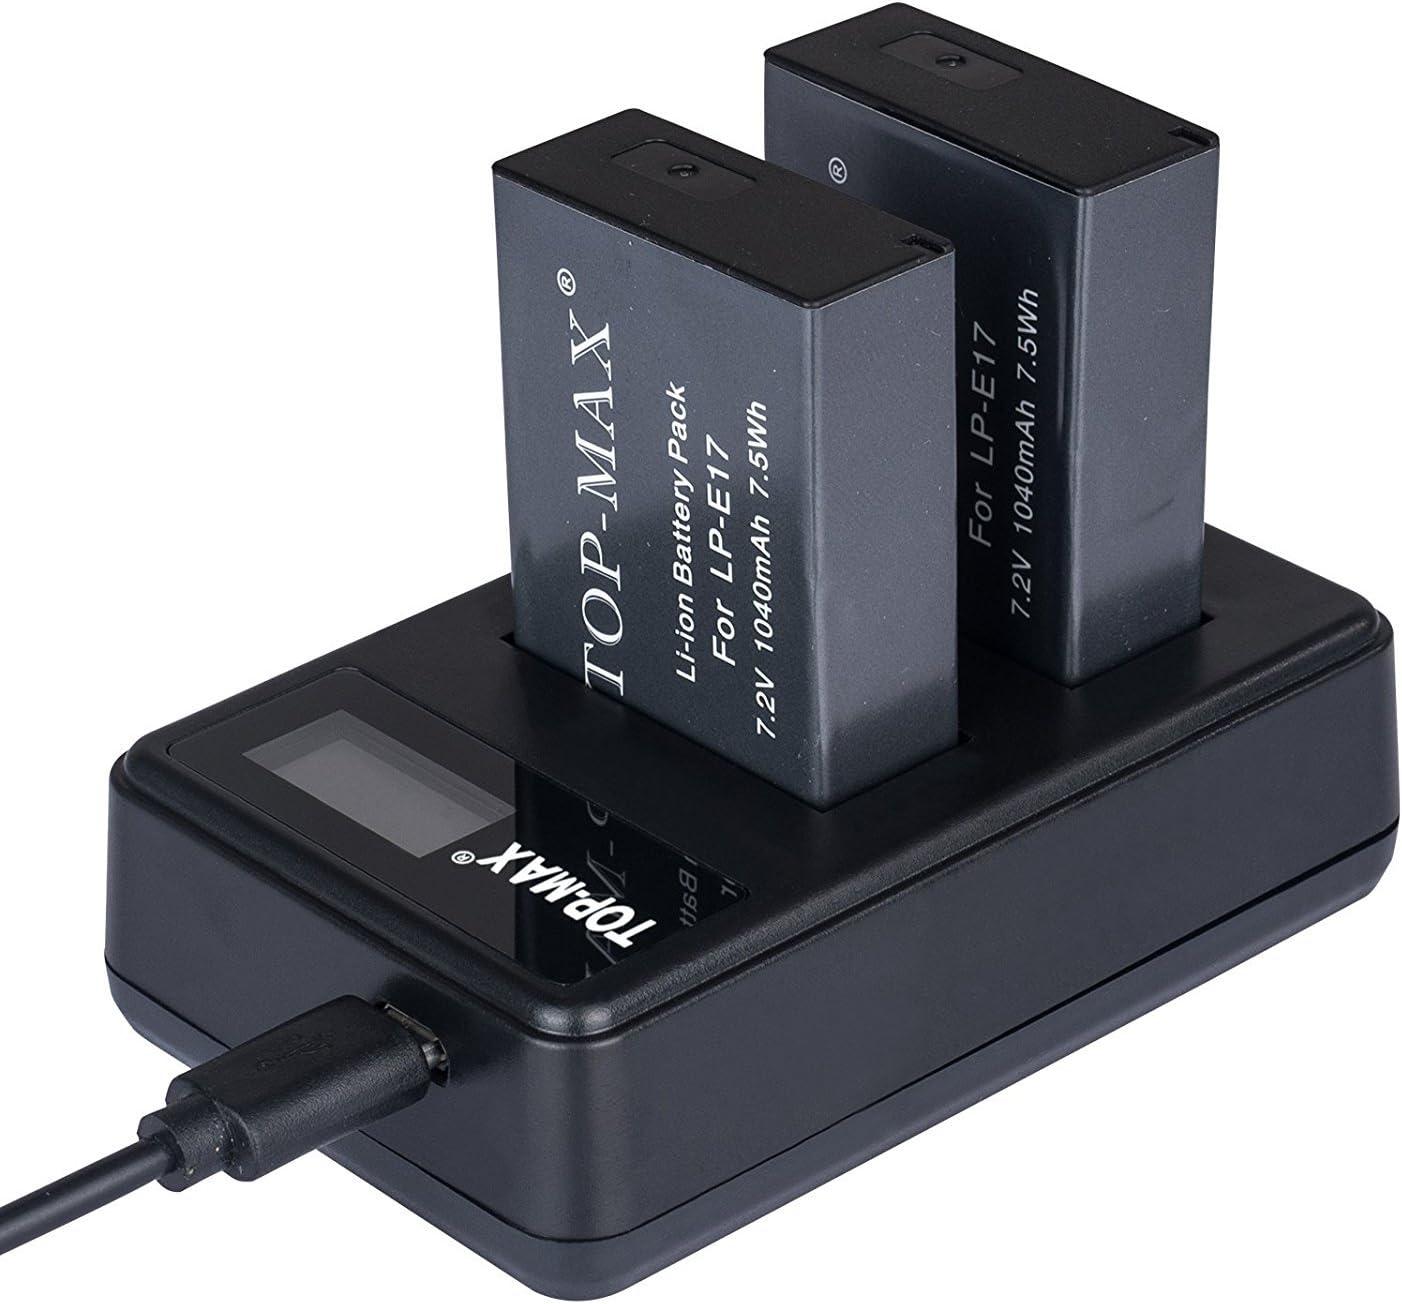 LP-E8 Cargador USB Dual para Canon EOS 700d, EOS 650d, EOS 600d, EOS 550d cámara réflex Digital, Canon Battery Grip BG-E8, Cargador de batería Canon LC-E8E: Amazon.es: Electrónica